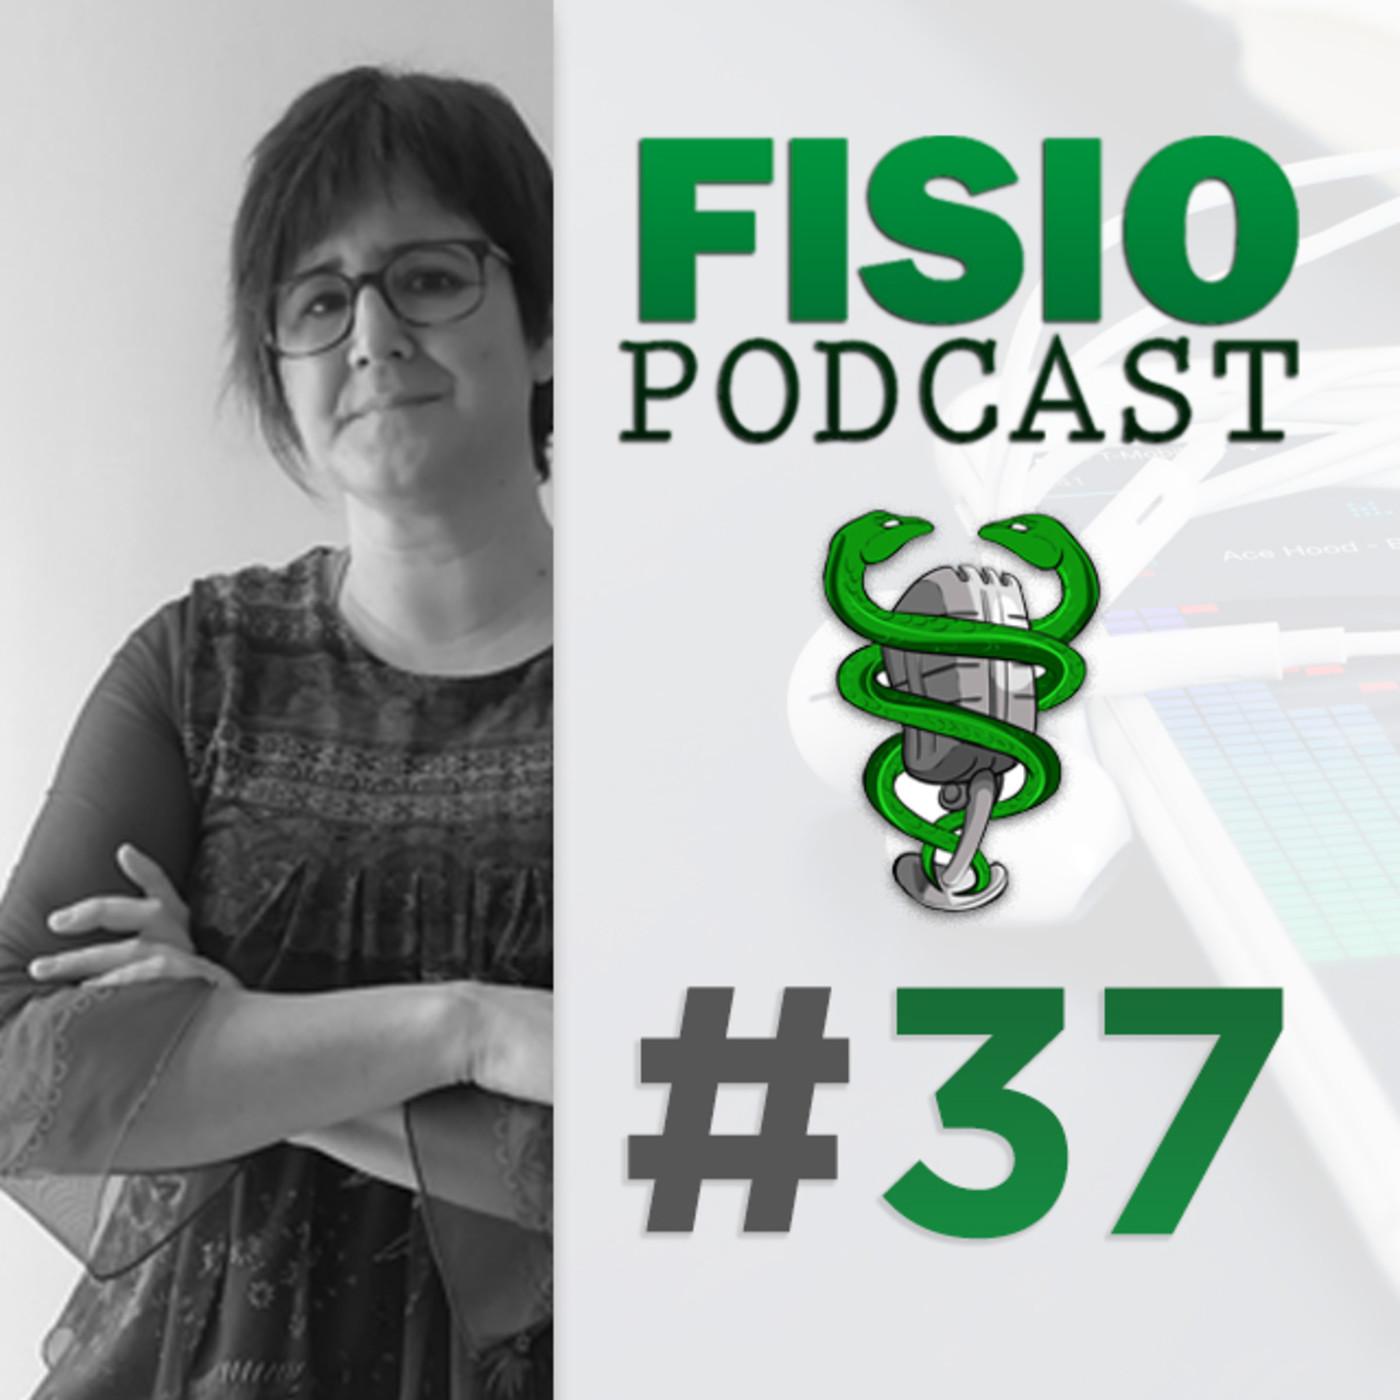 #37 Fisioterapia Digital, con Iosune Salinas (1/2)